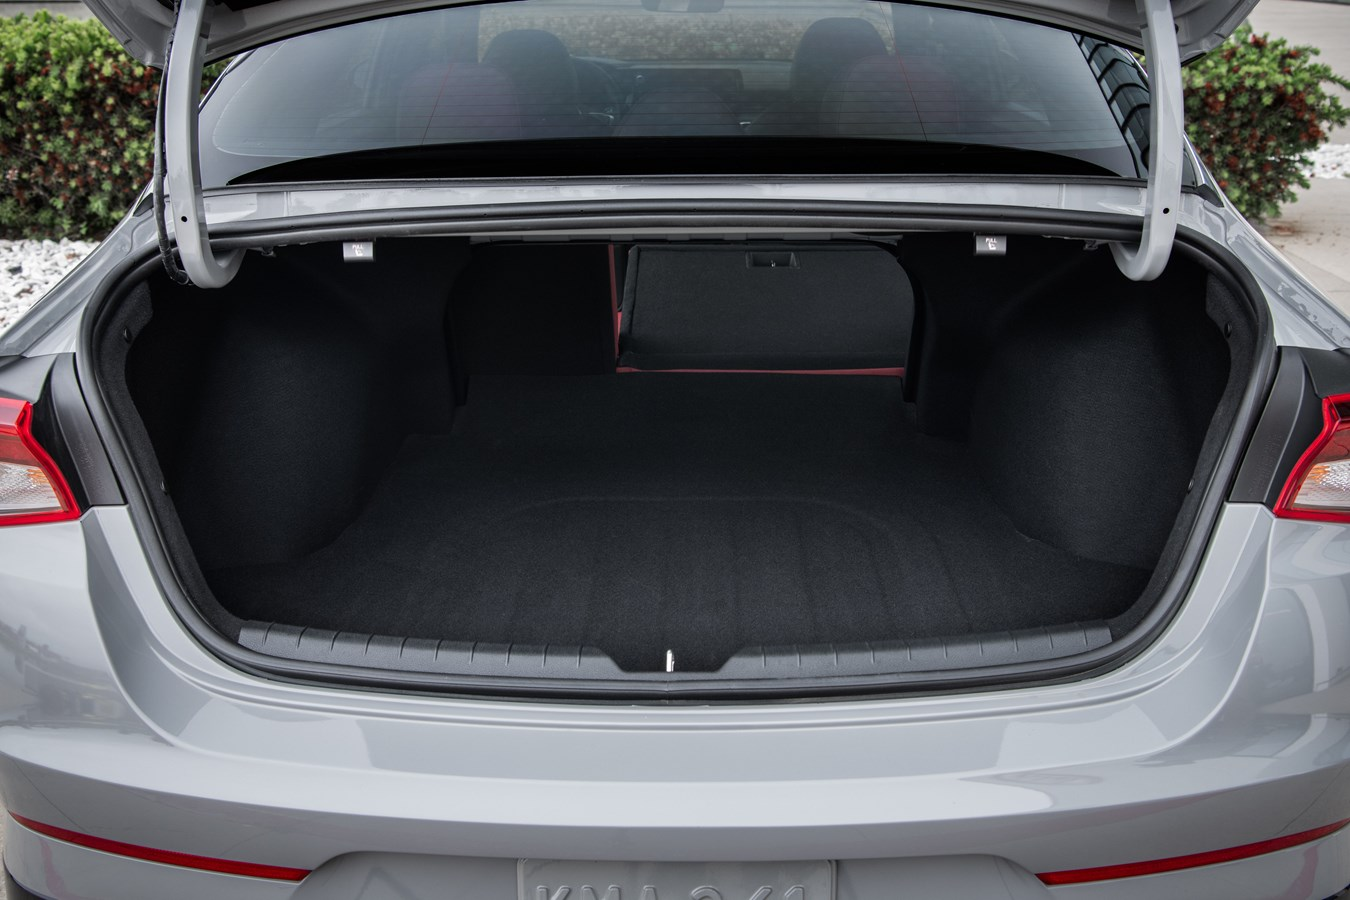 K5 Smart Trunk